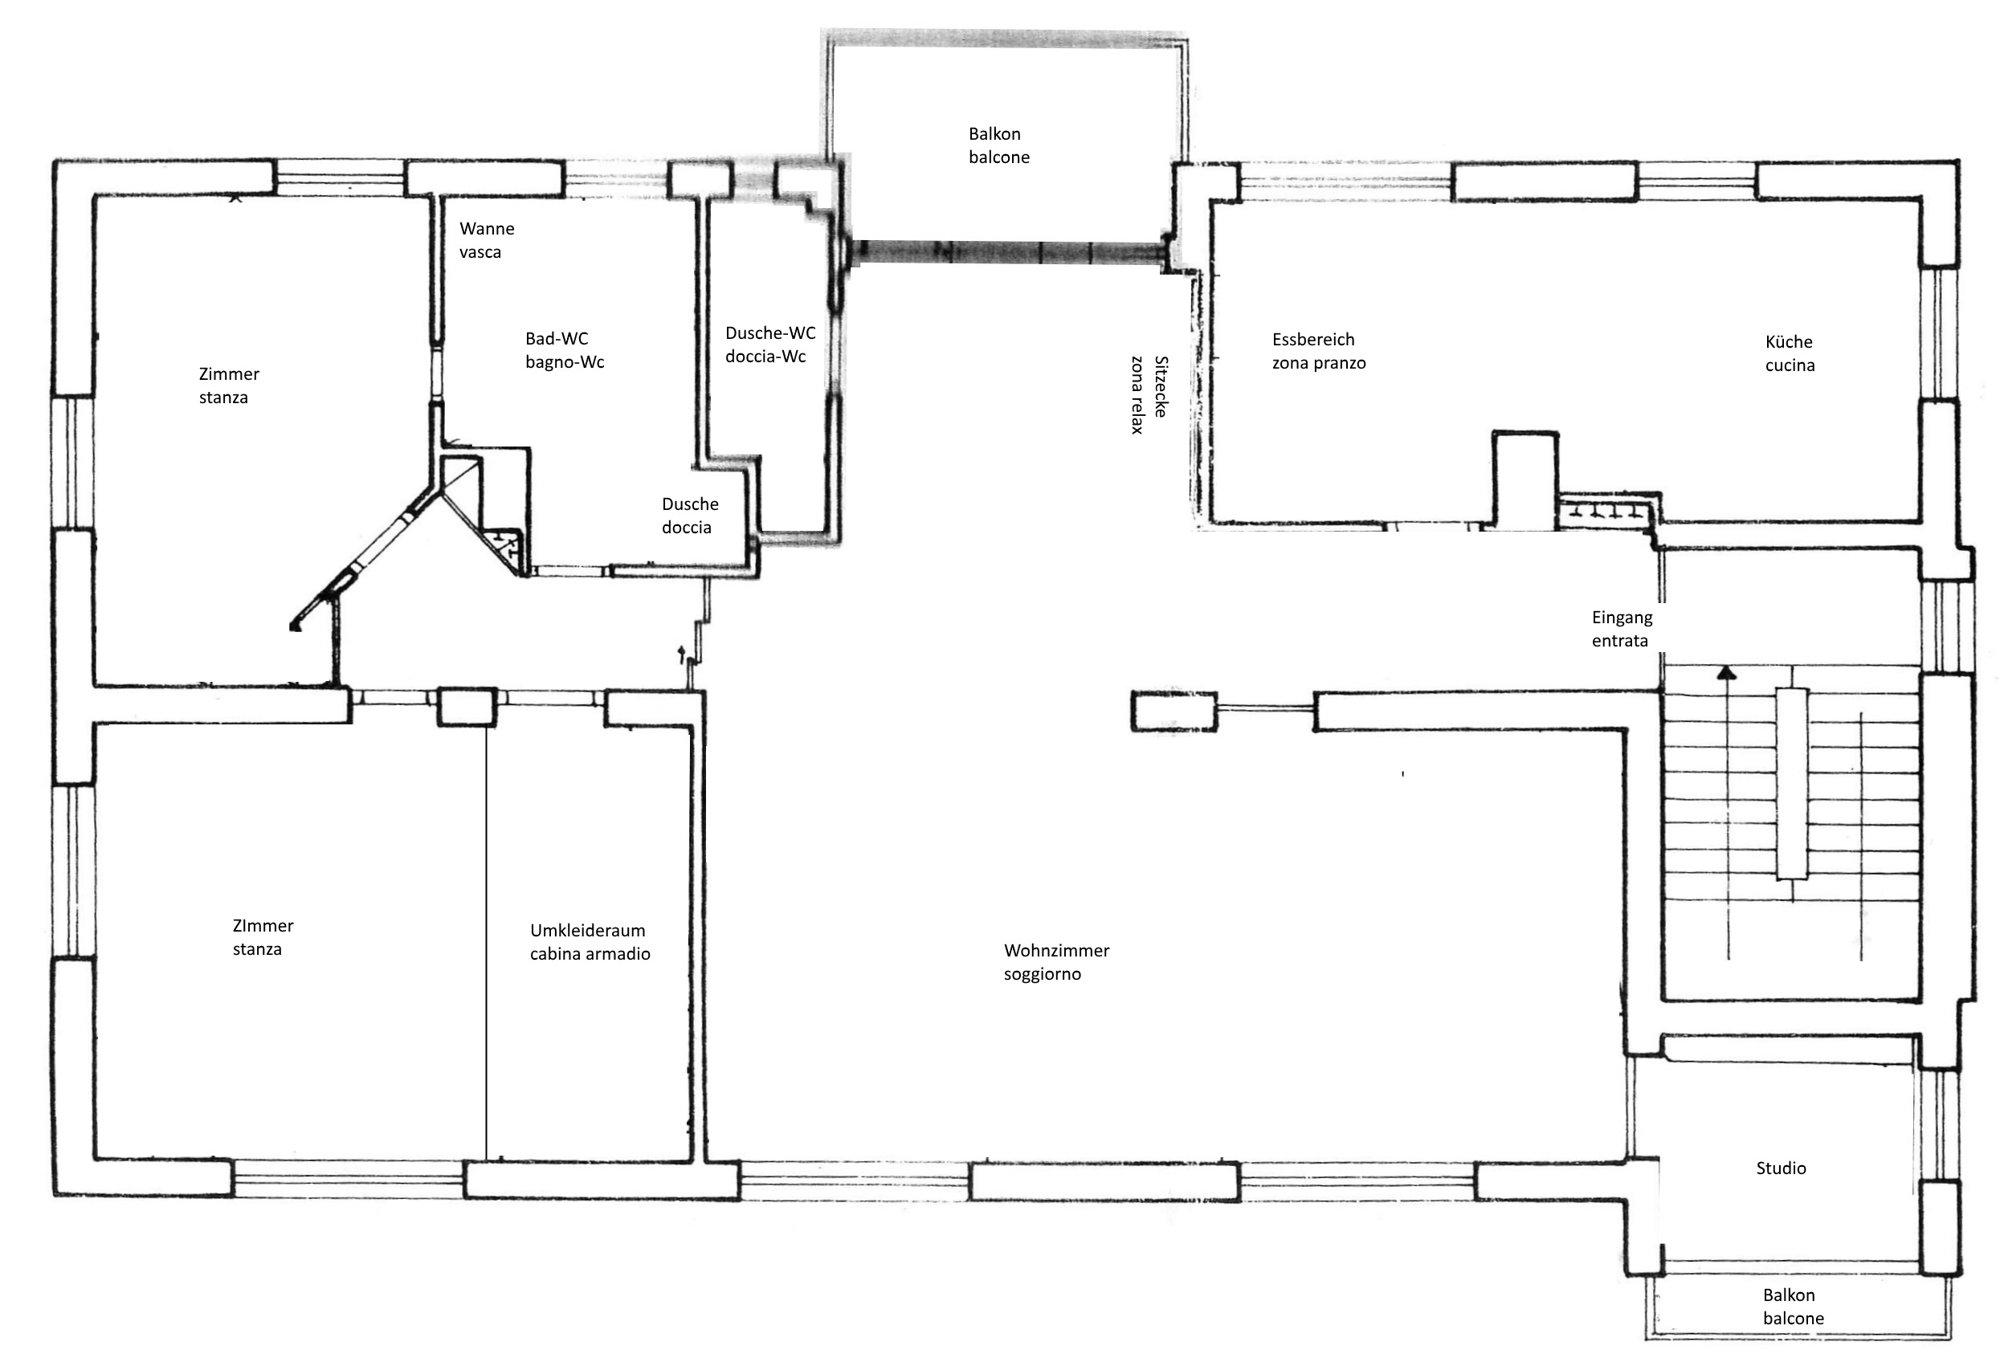 Plan Wohnung_piantina